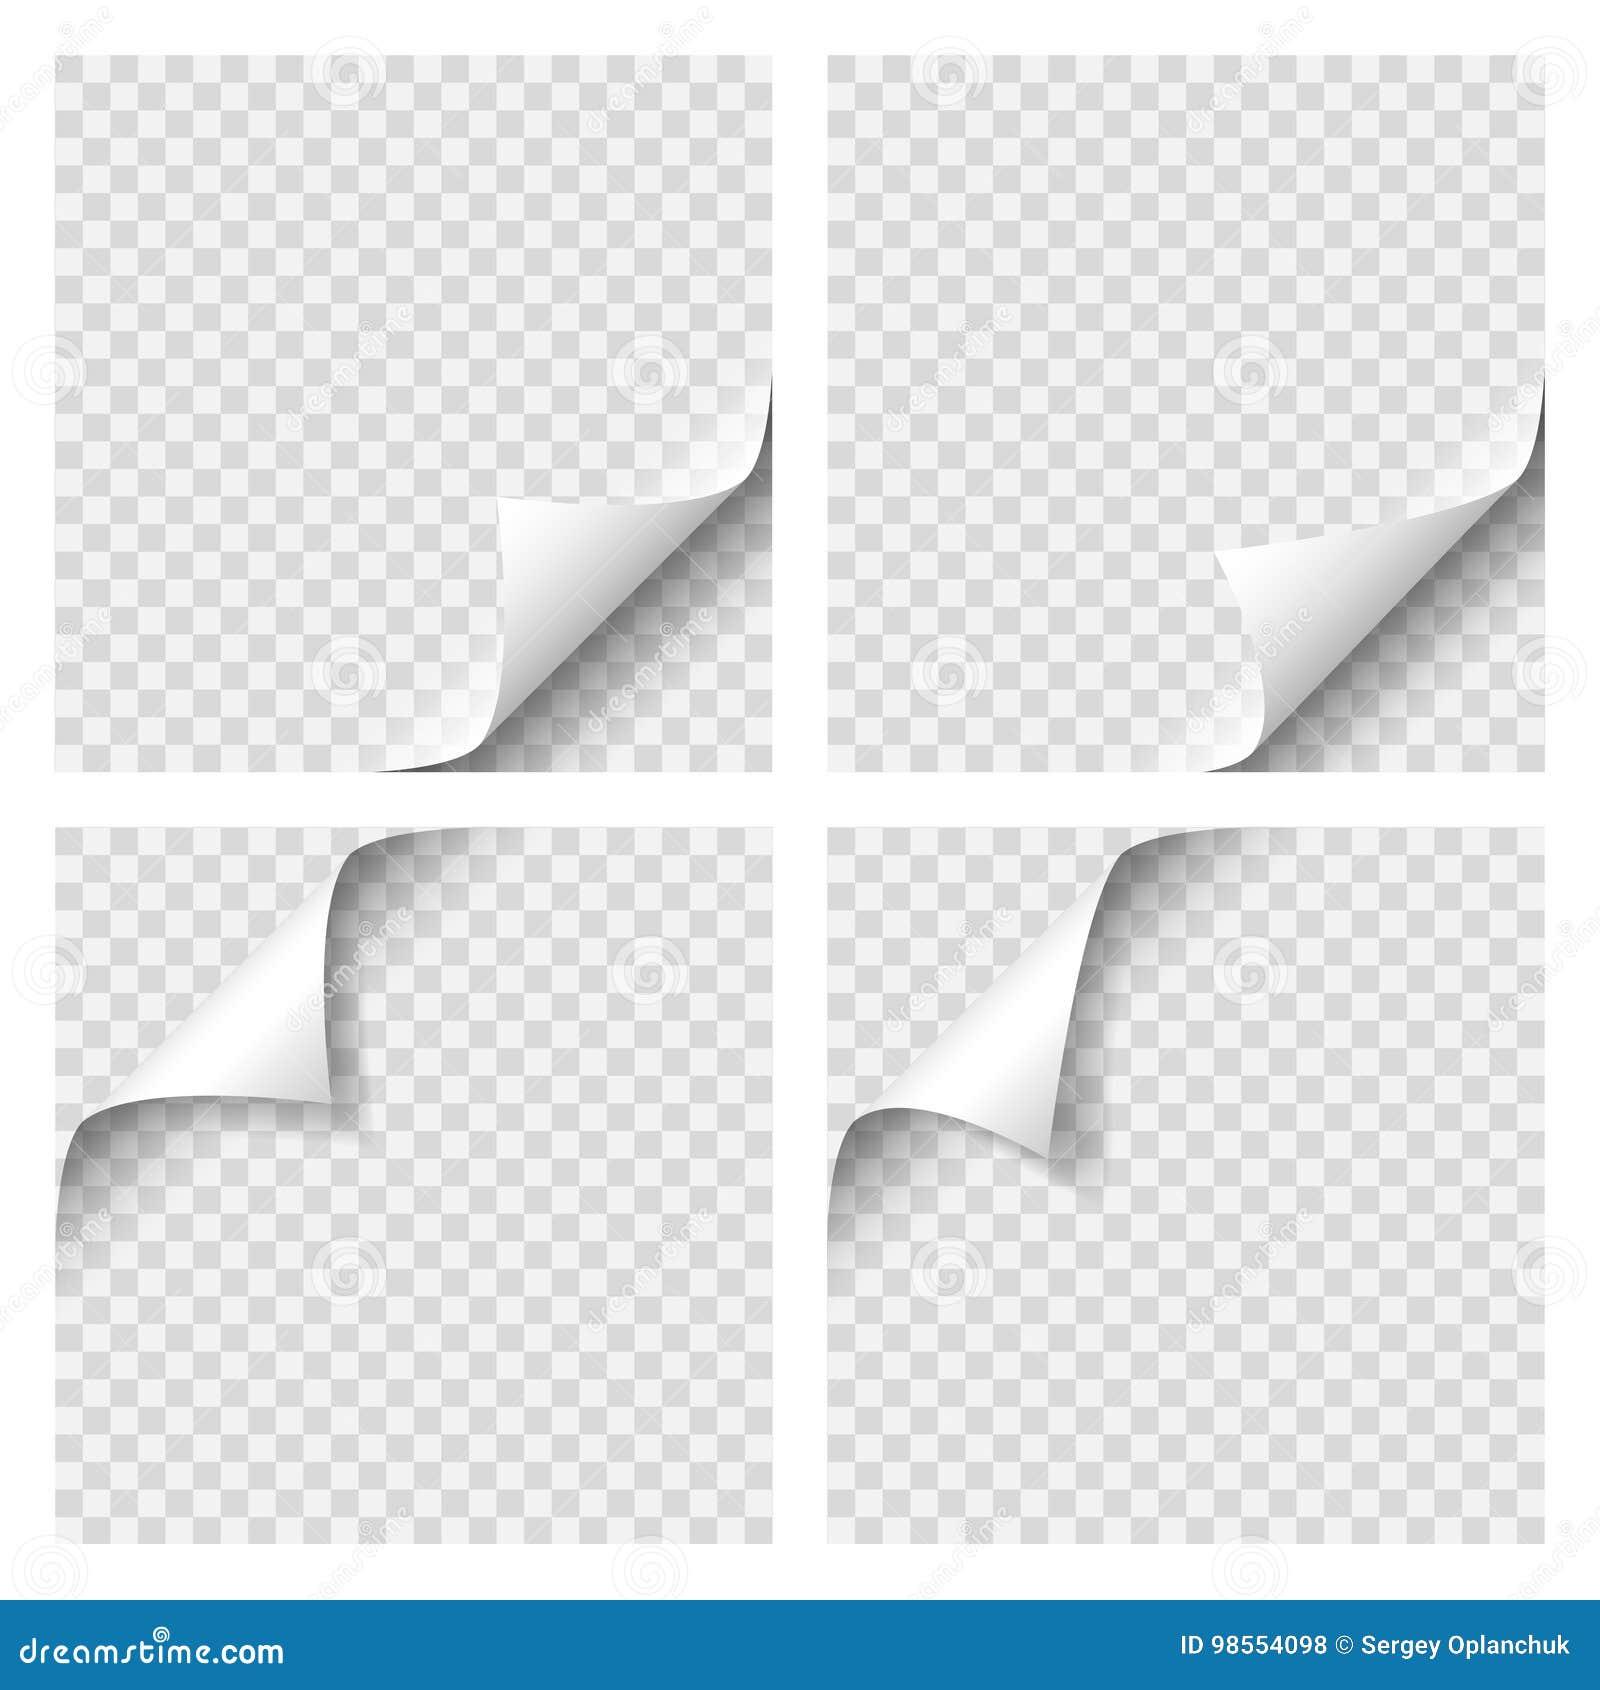 Sistema de la esquina rizada de la página Hoja de papel en blanco con el rizo de la página con la sombra transparente Ilustración